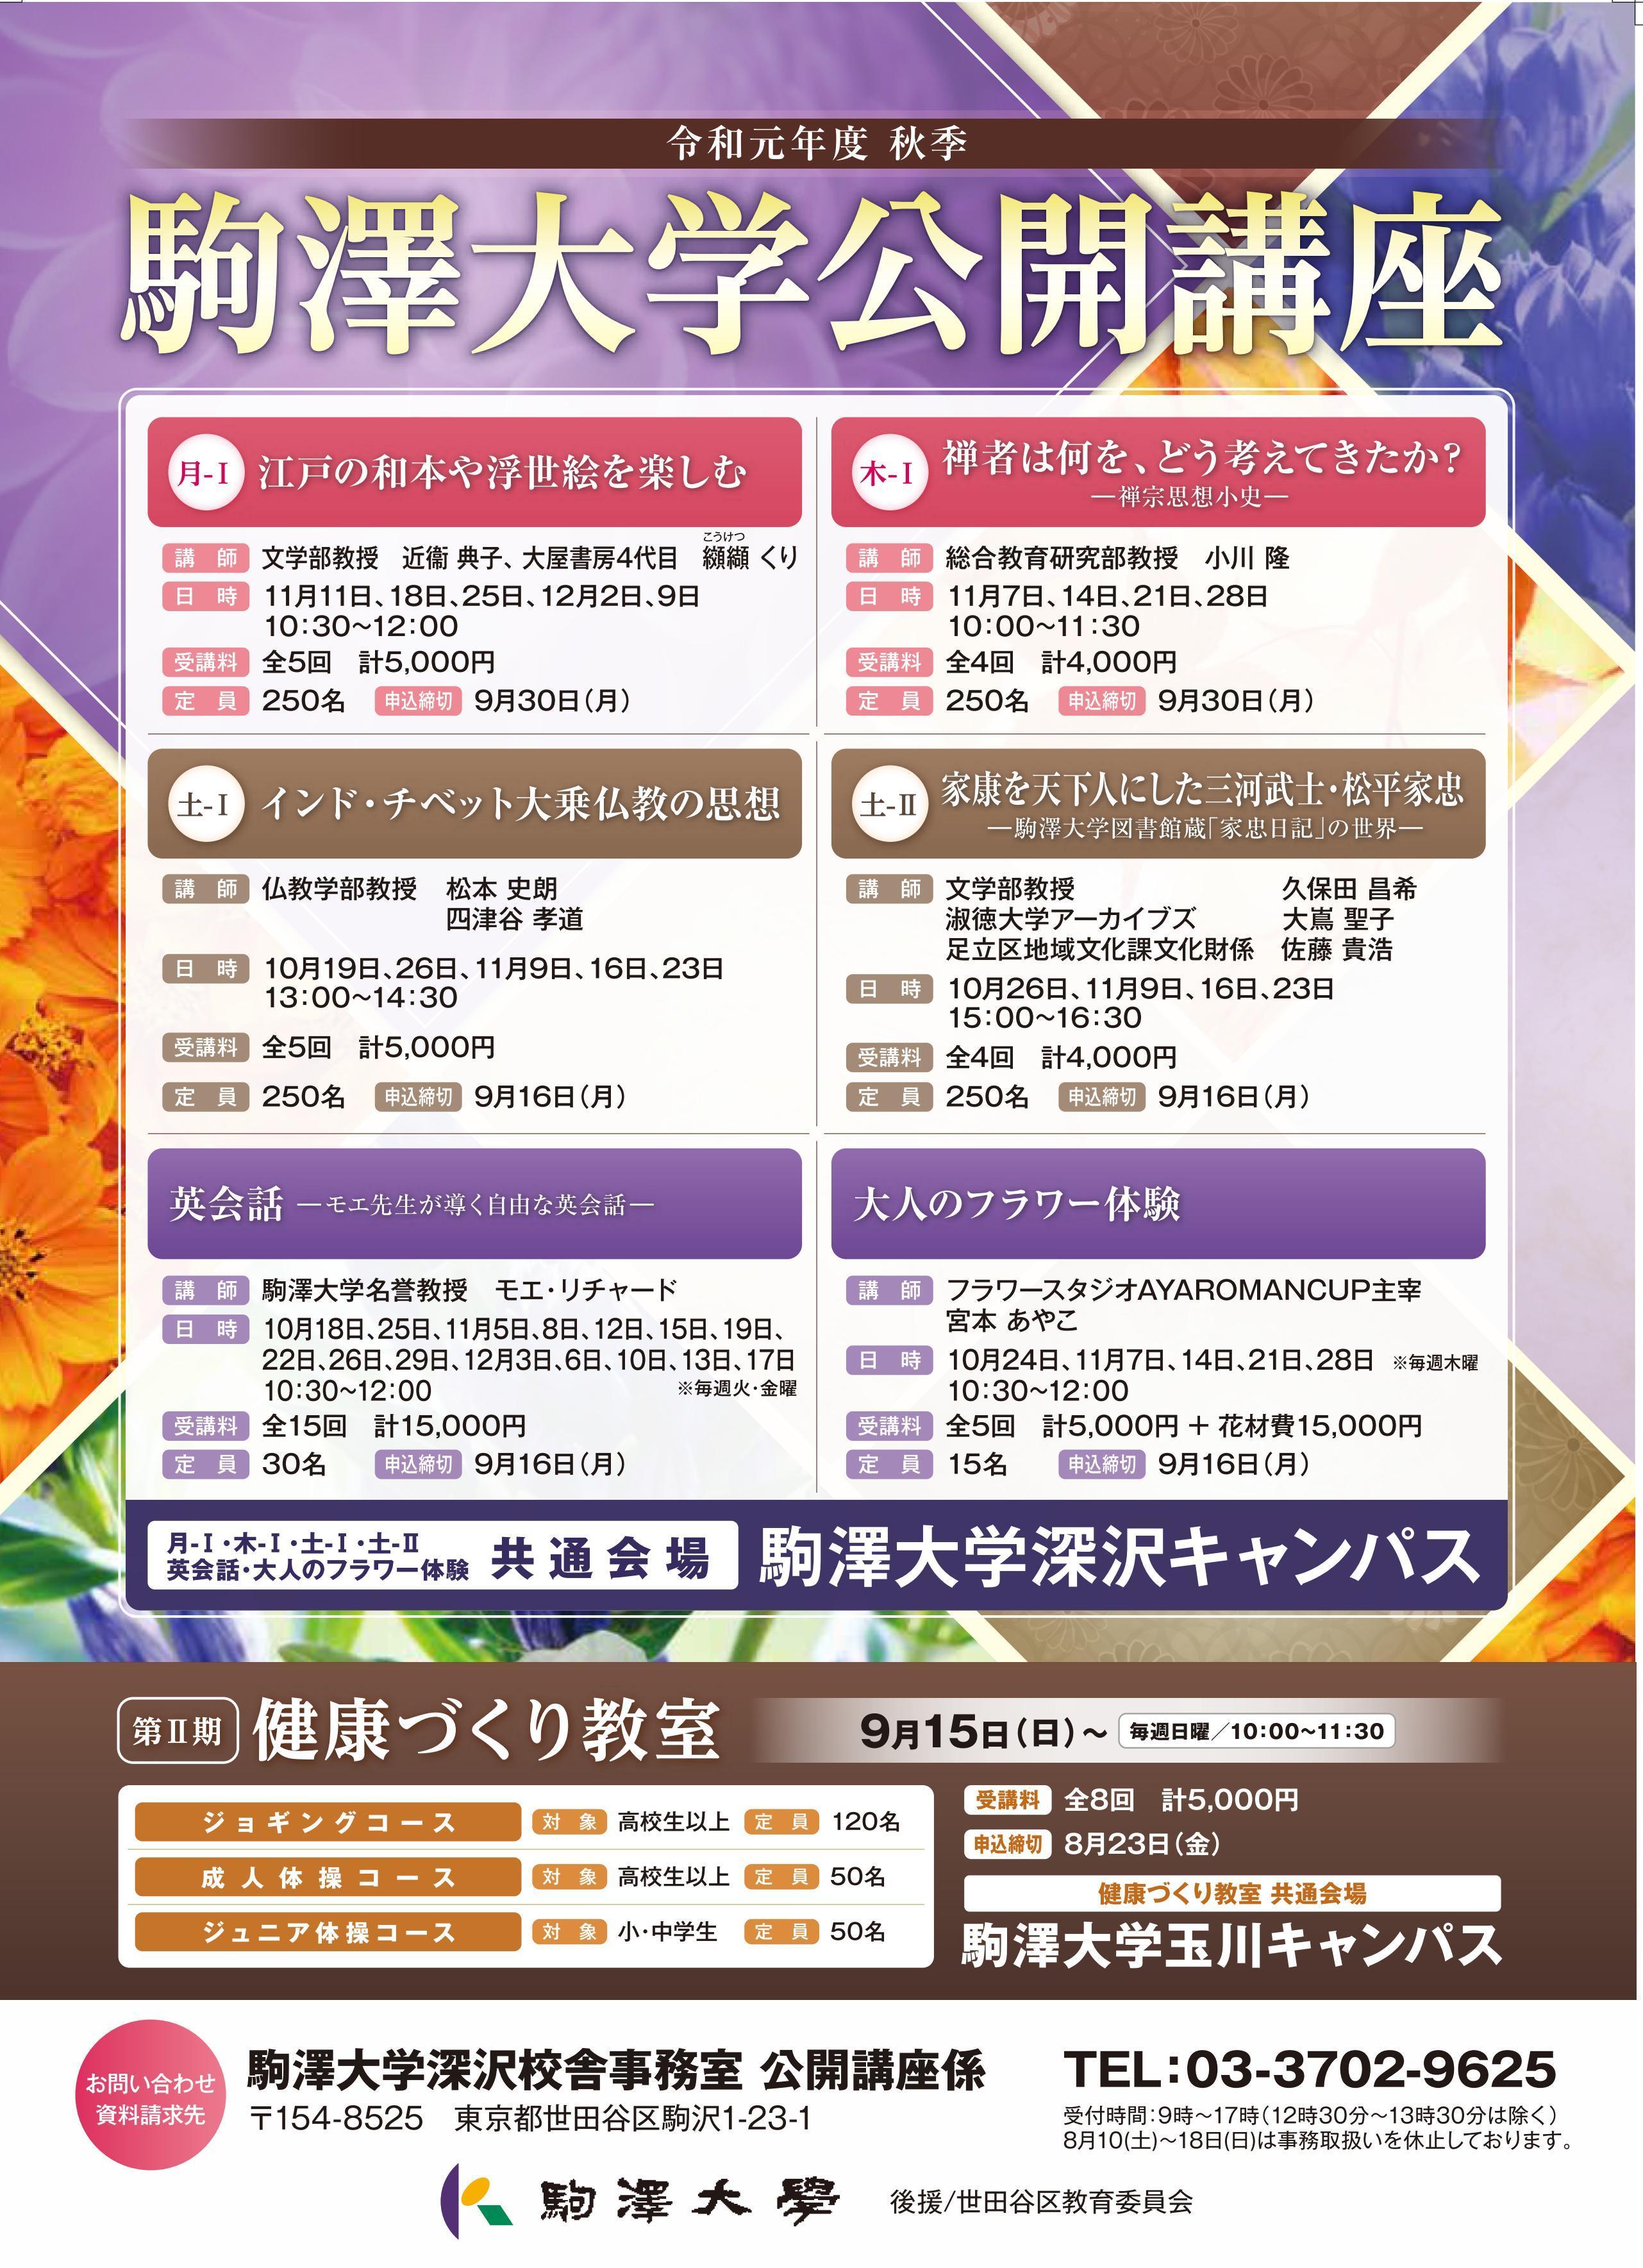 駒澤大学が社会人対象の「秋季公開講座」を開催 -- 大乗仏教や戦国武将、江戸文化のほか英会話講座やフラワー講座も